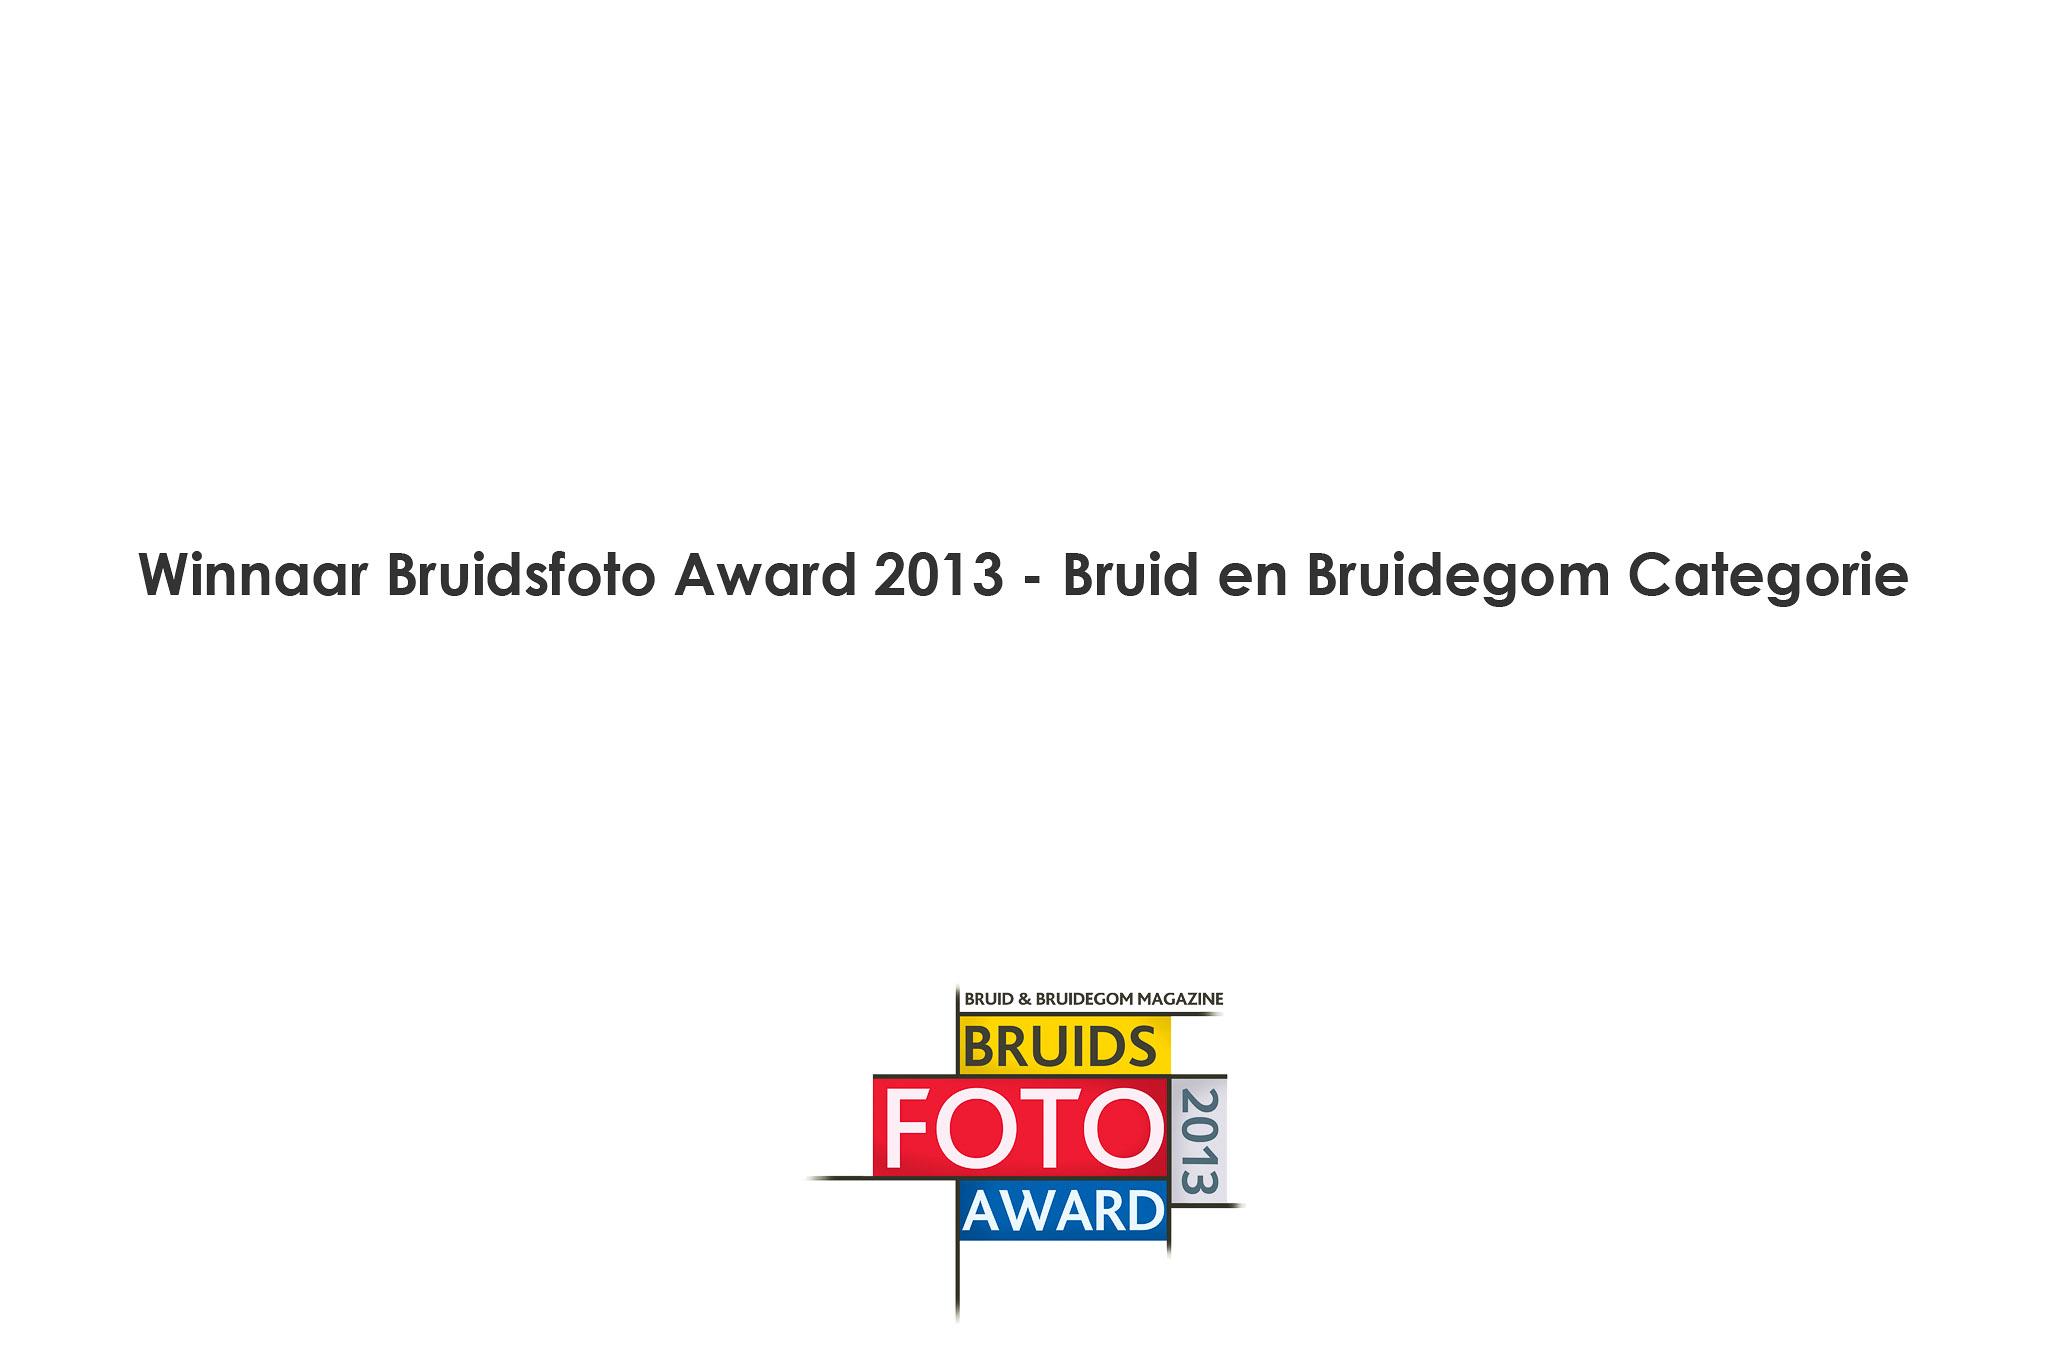 Winnaar_Bruidsfoto_Award_2013_-_Bruid___bruidegom_Categorie